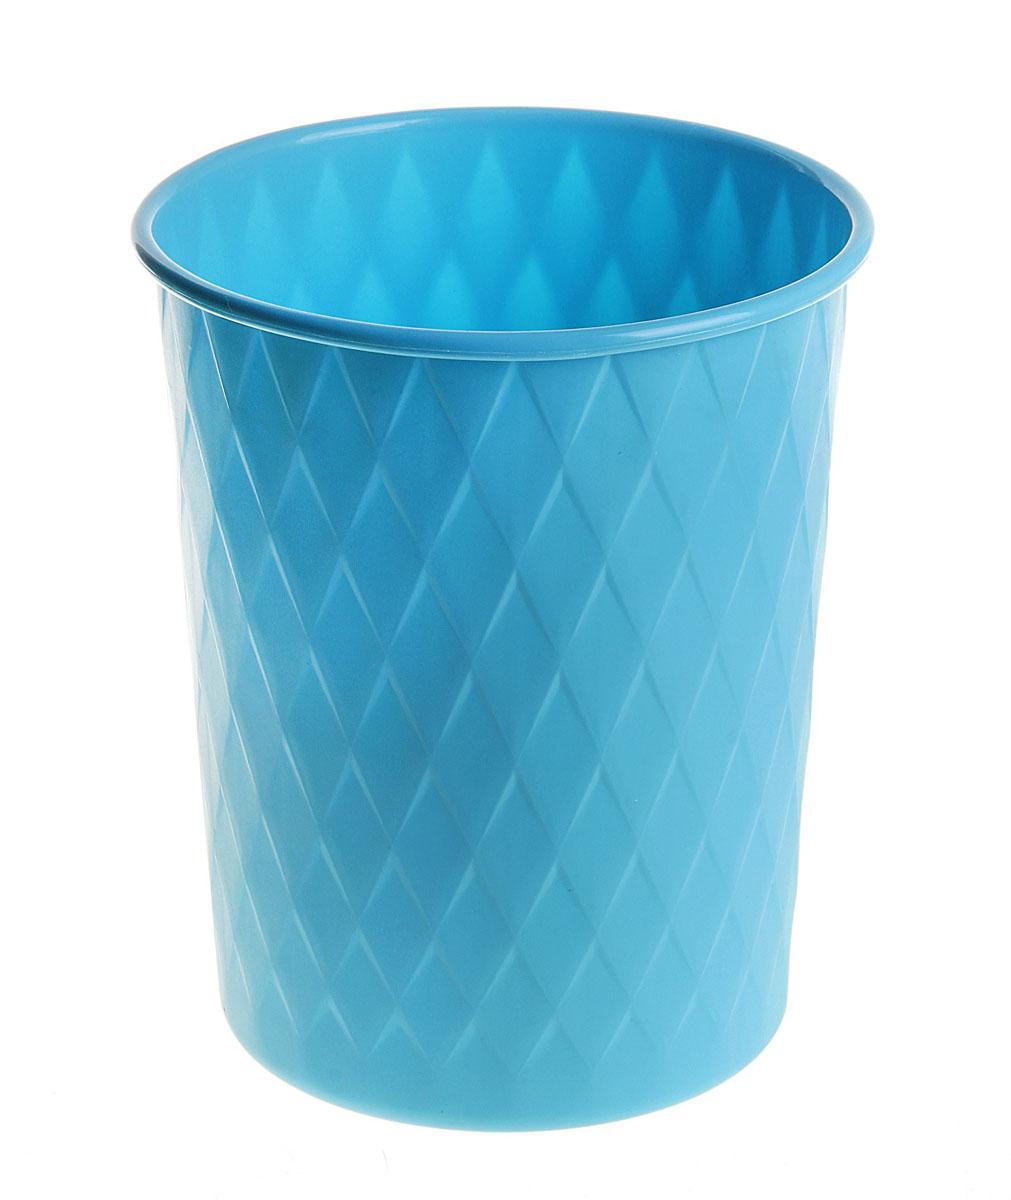 Ведерко Sima-land Ромб, пластиковое, цвет: синий, высота 24 см147471Ведерко Sima-land Ромб изготовлено из пластика и предназначено для складывания мусора, различных мелких предметов и материалов. Поверхность изделия декорирована рельефным ромбовидным рисунком. Размер ведерка: 24 см х 19,5 см. Диаметр дна: 15,5 см.